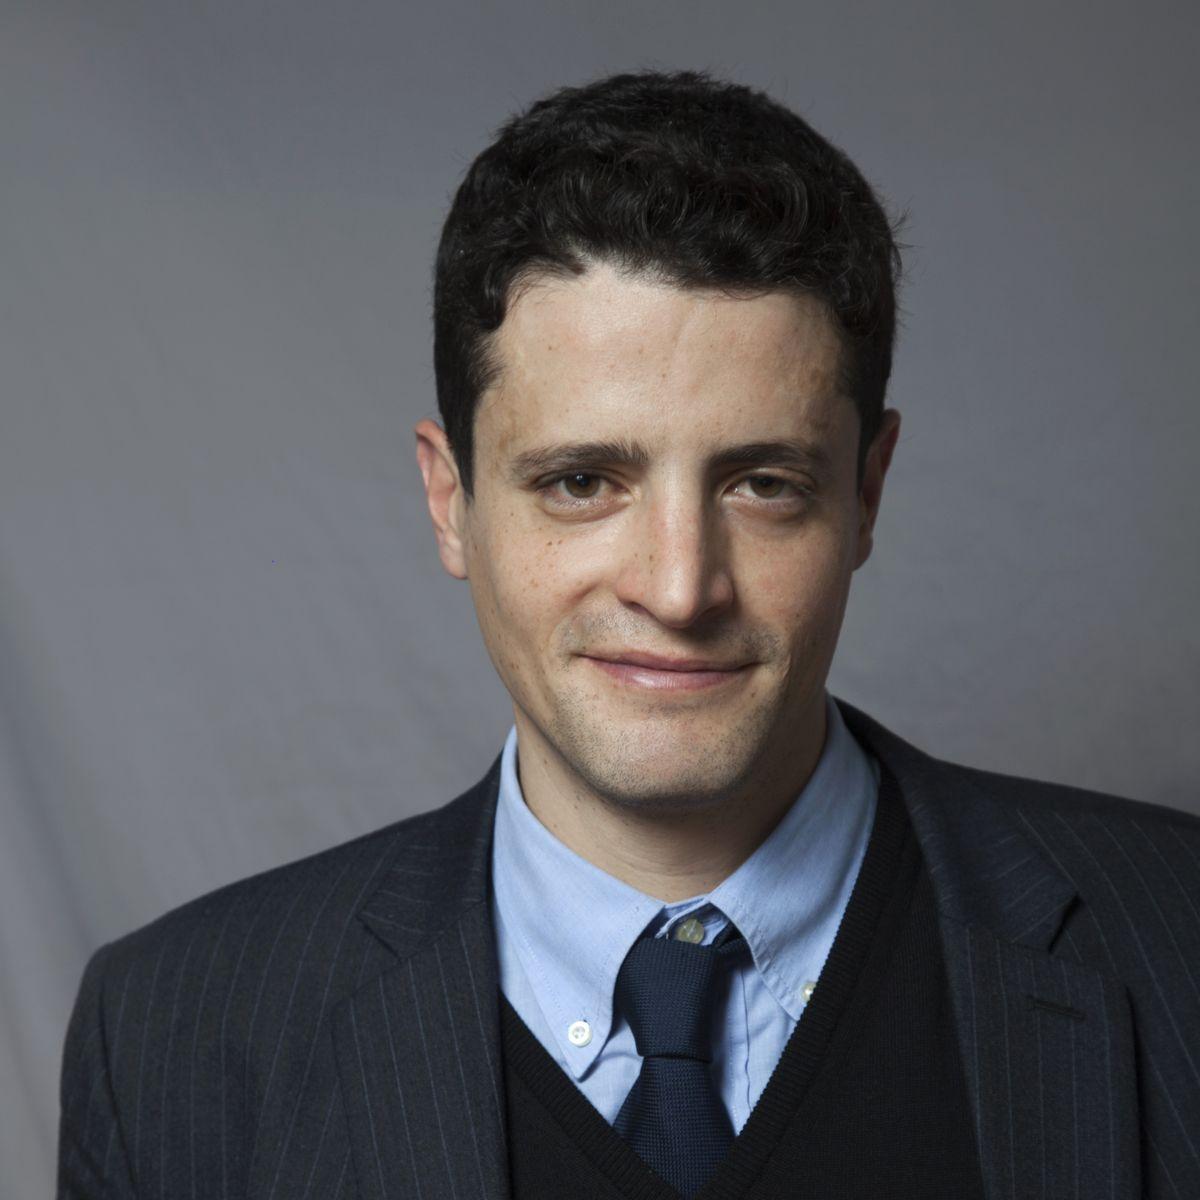 Alberto Idone